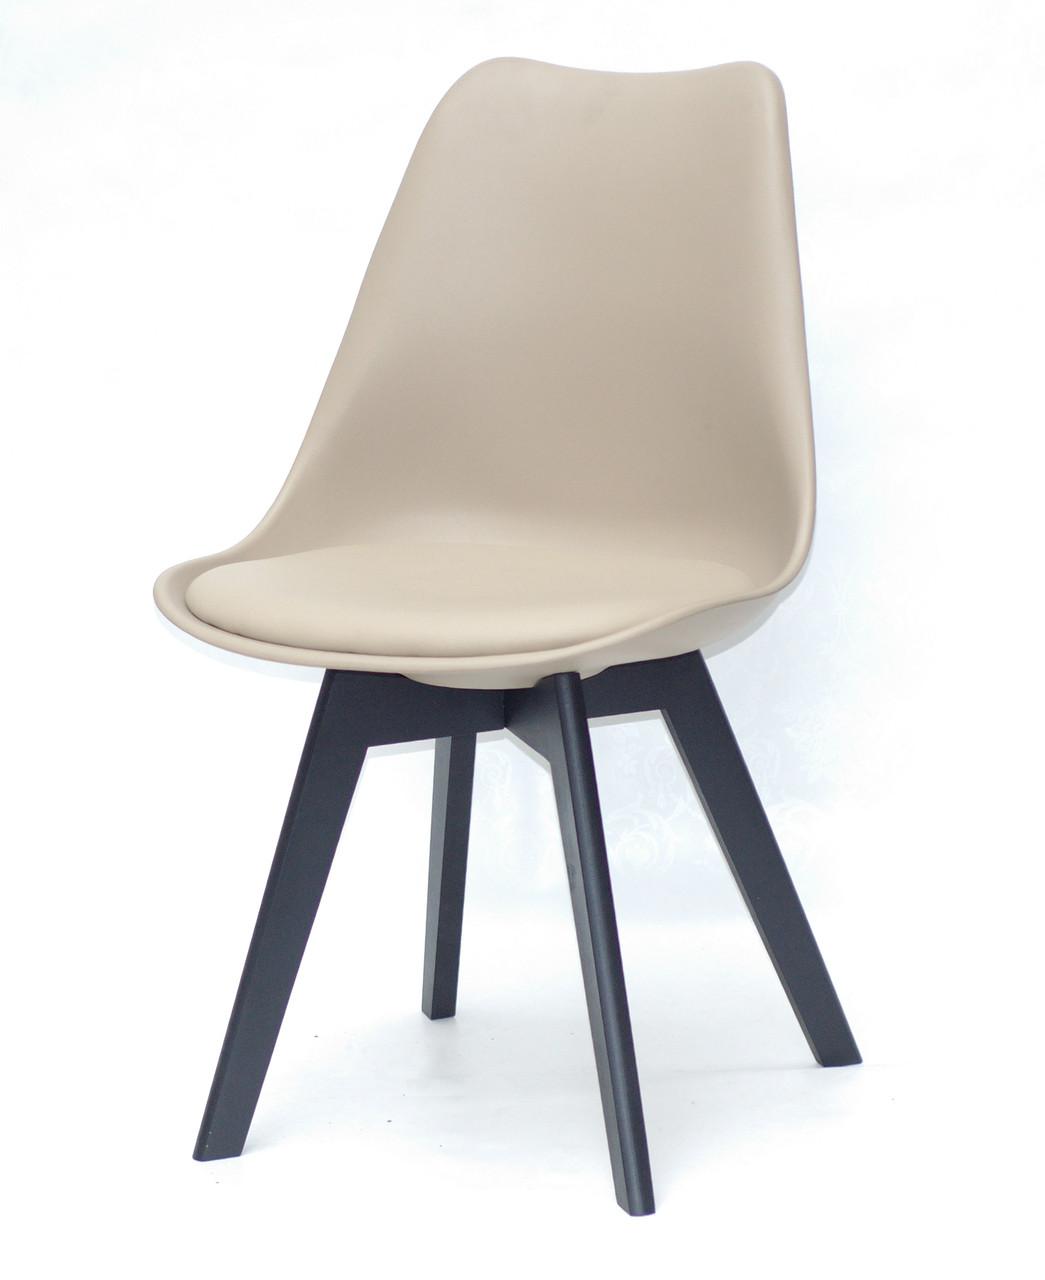 Стул с пластиковой спинкой бежевый и сиденьем эко-кожа Milan на черных деревянных ножках